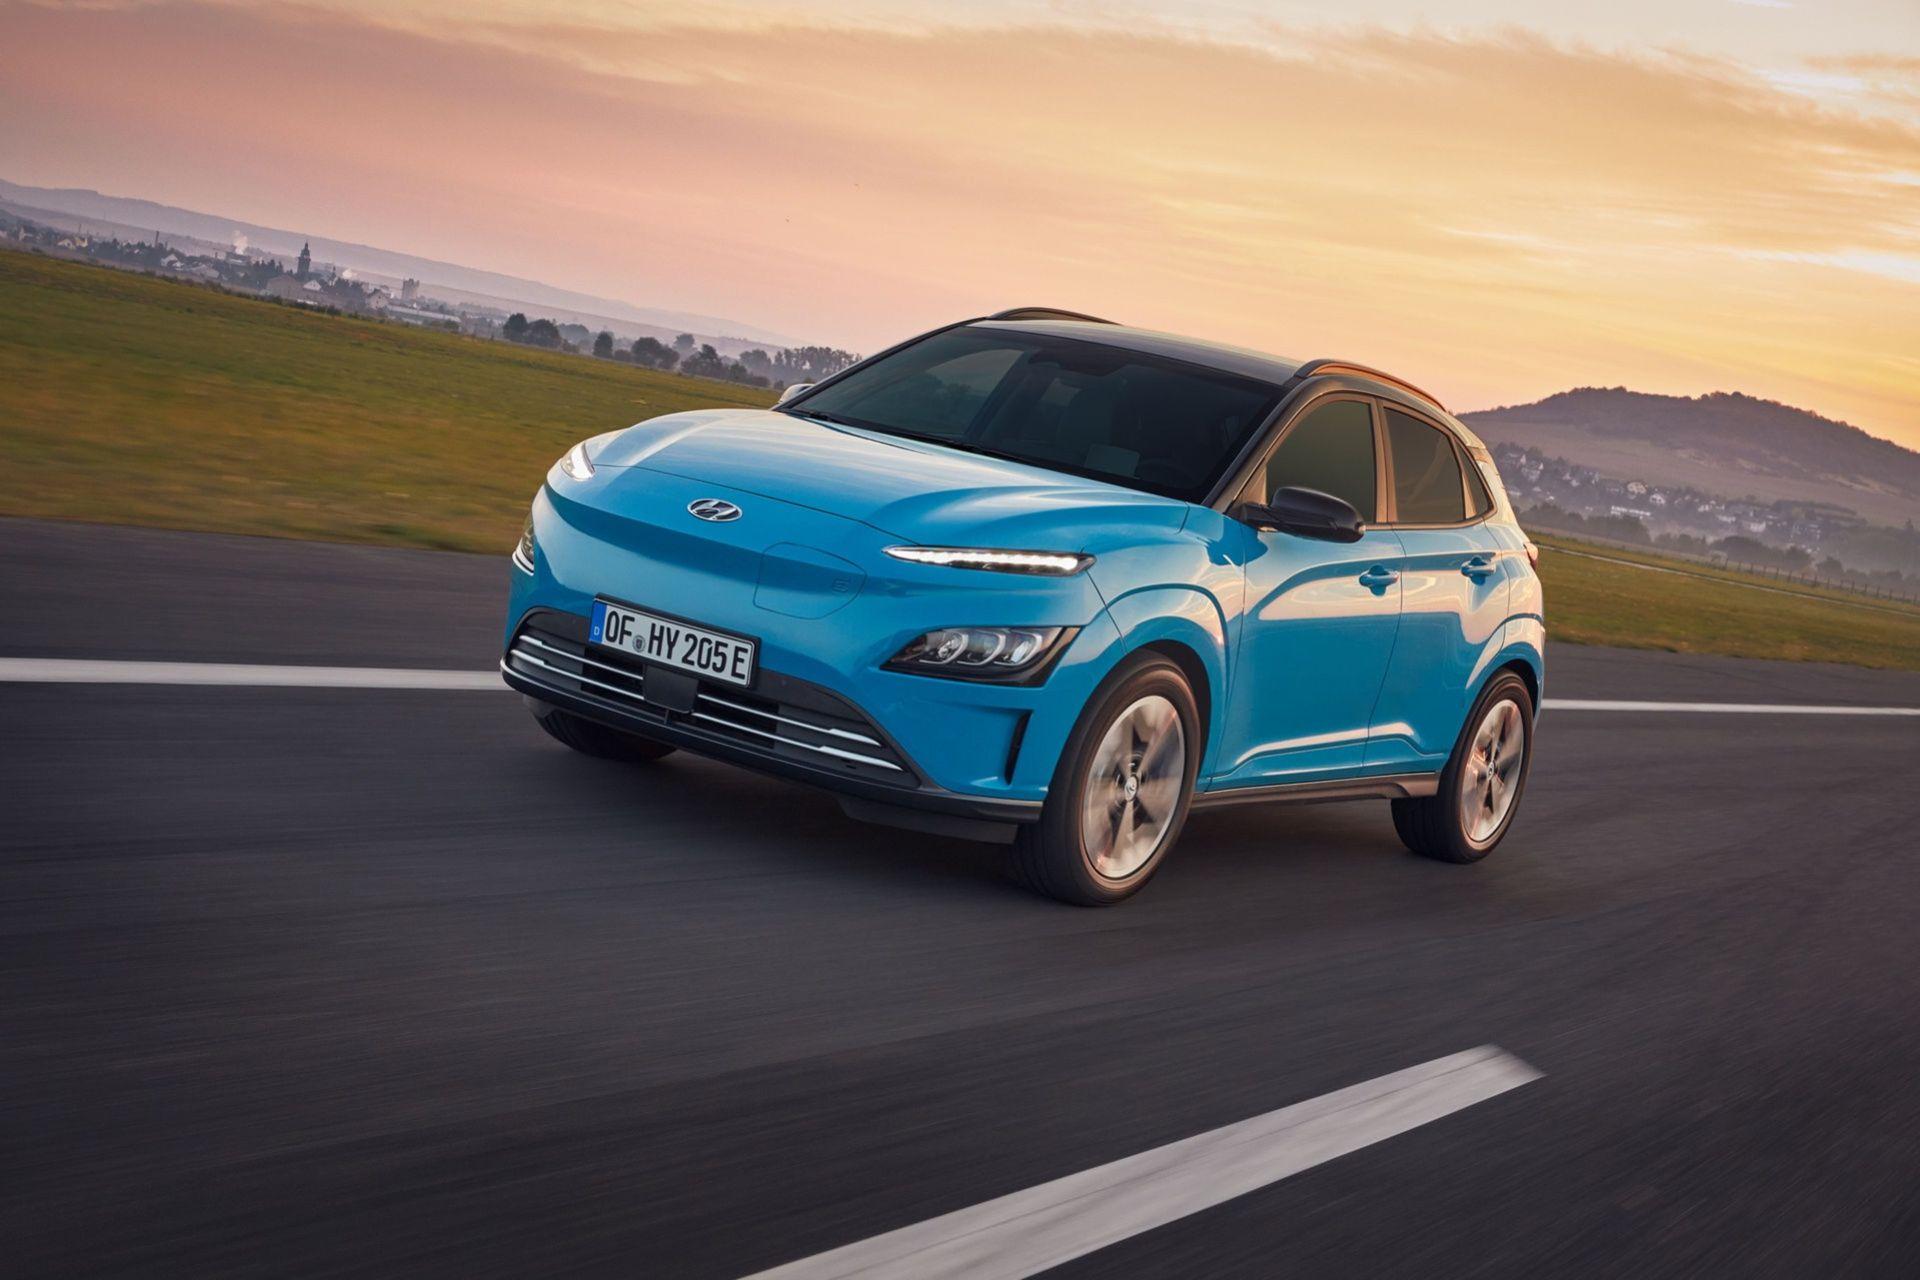 Hyundai lyfter även den eldrivna versionen av Kona